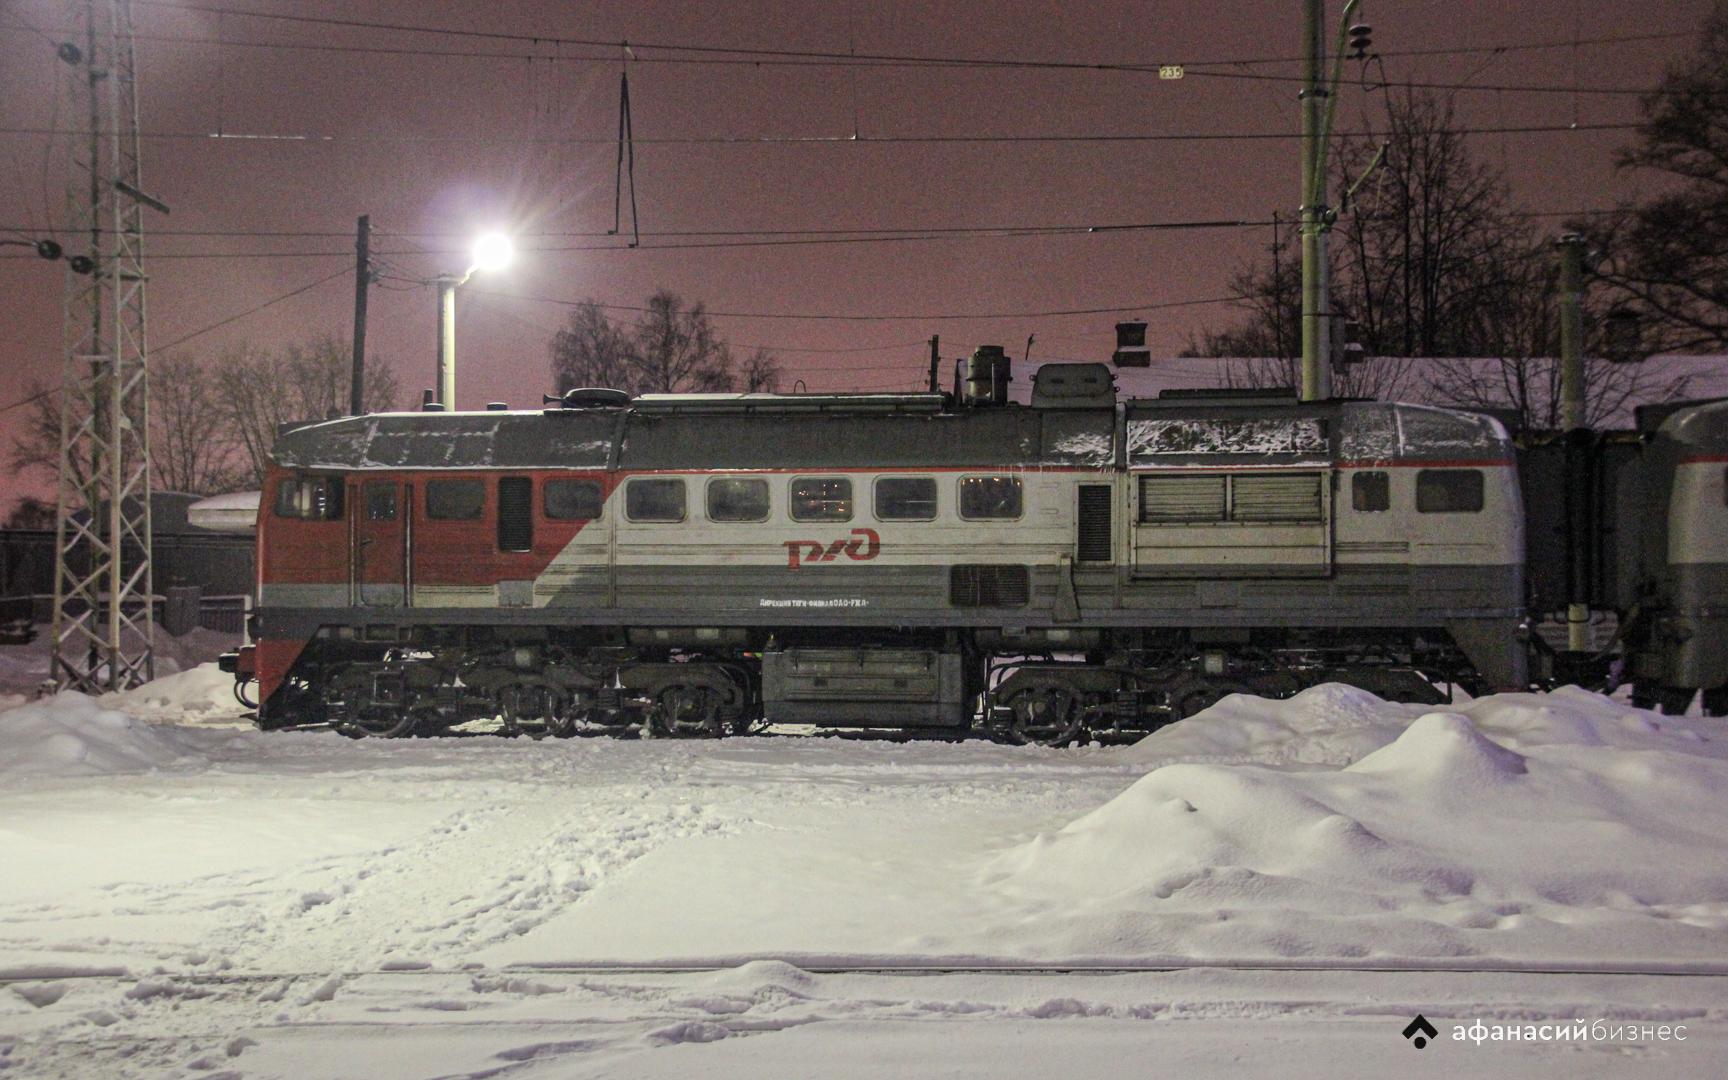 Через Тверскую область пустят дополнительные поезда - новости Афанасий